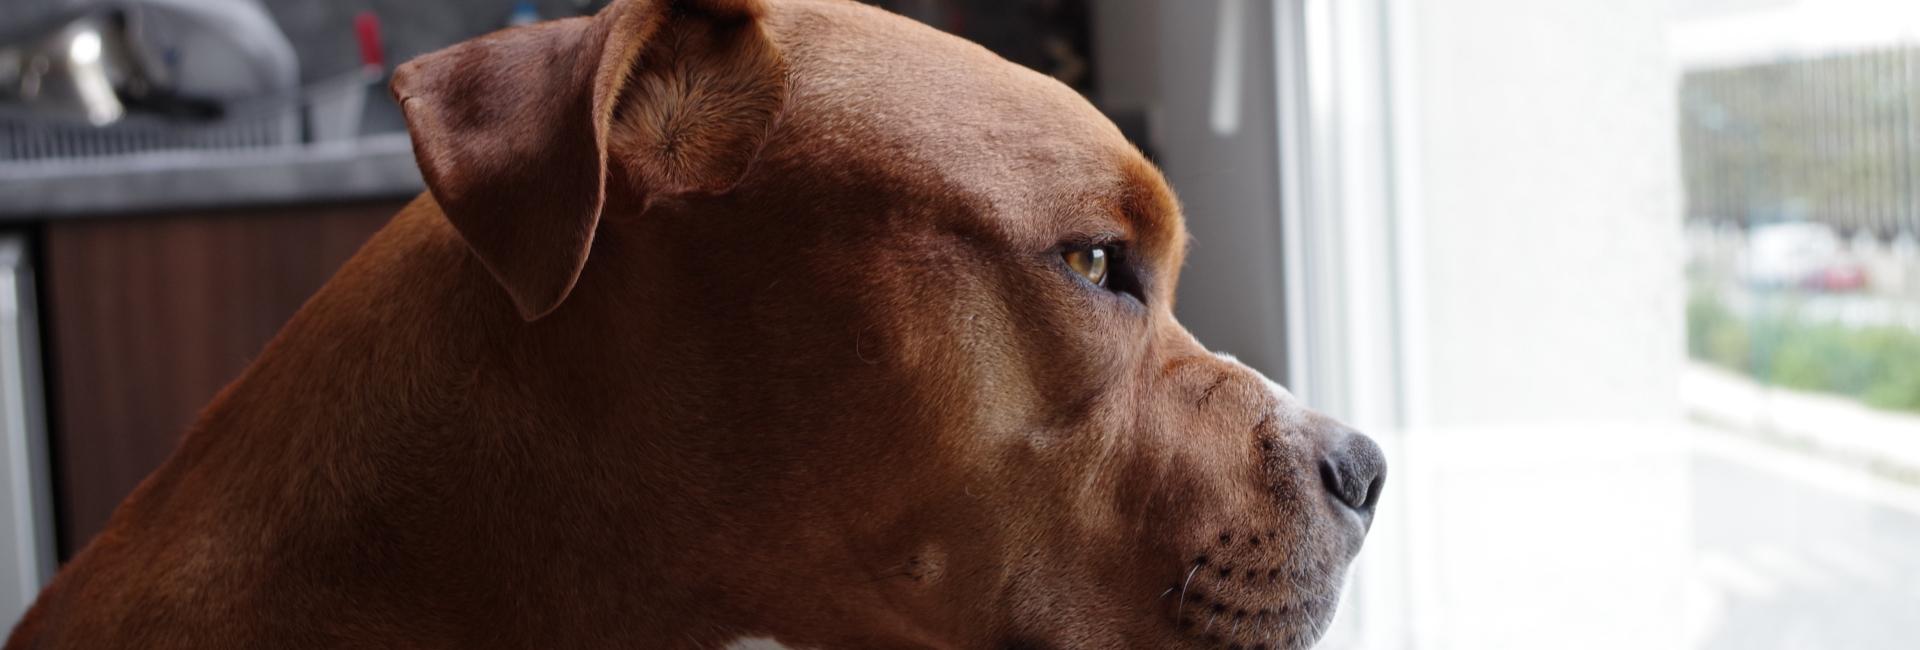 hond raam